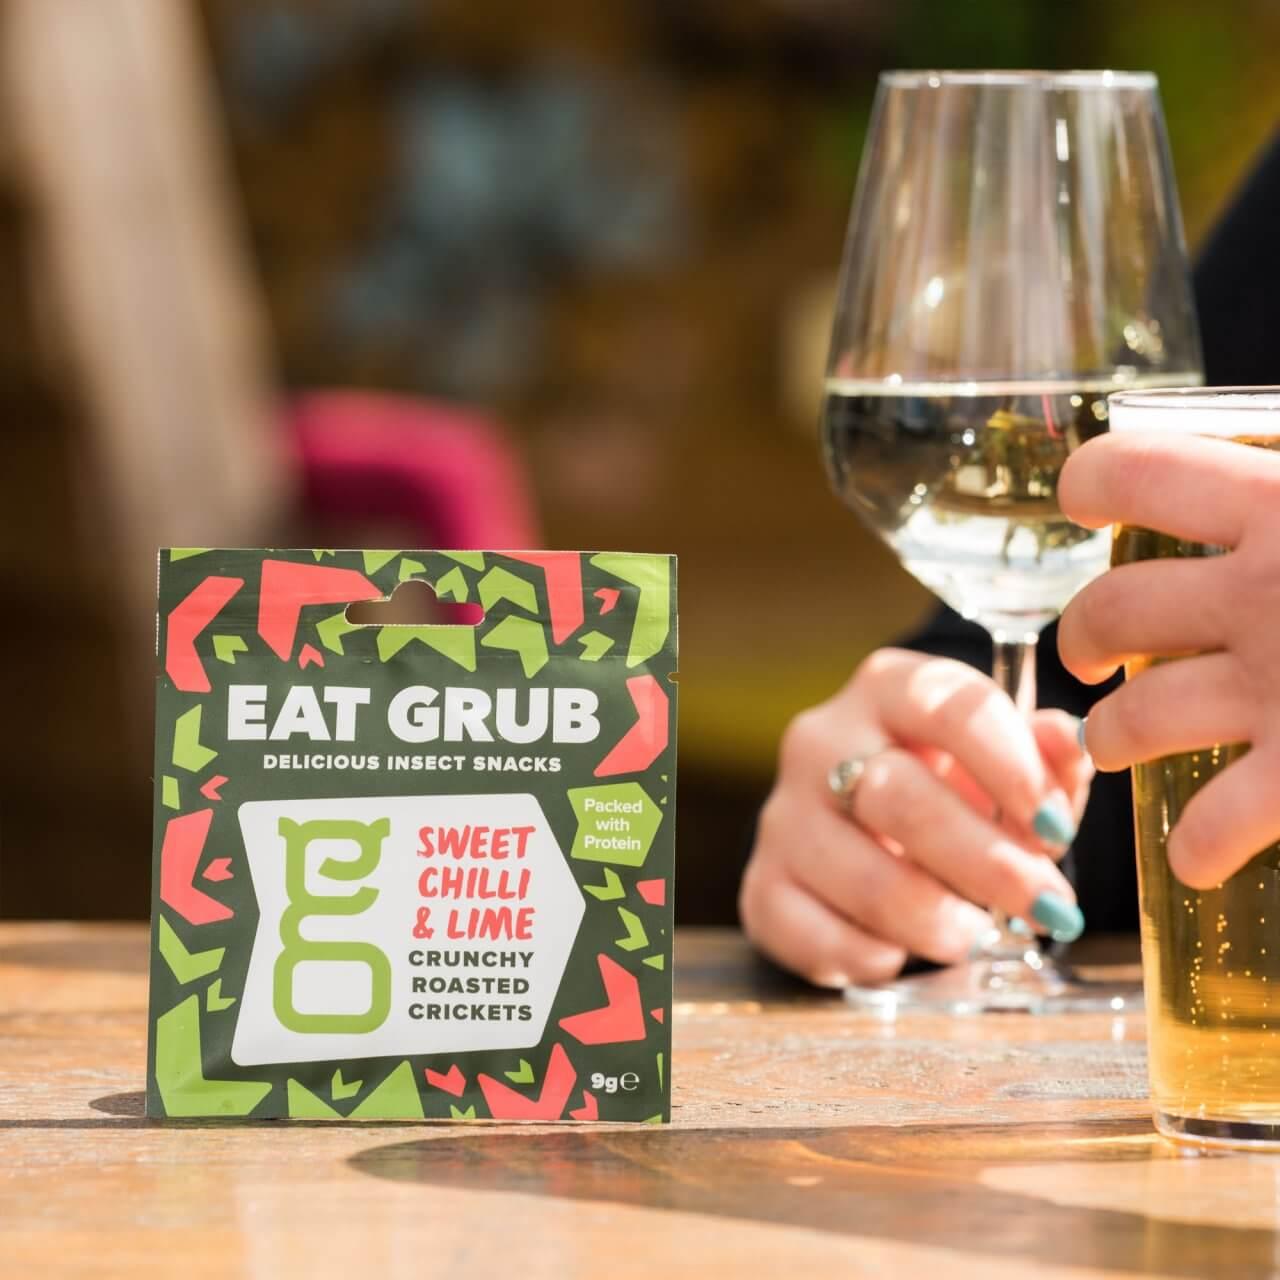 【賞味期限:2021.4.8まで!賞味期限間近の為50%OFF】Eat Grub クランキー ロースト クリケット スイートチリ&ライム 12g